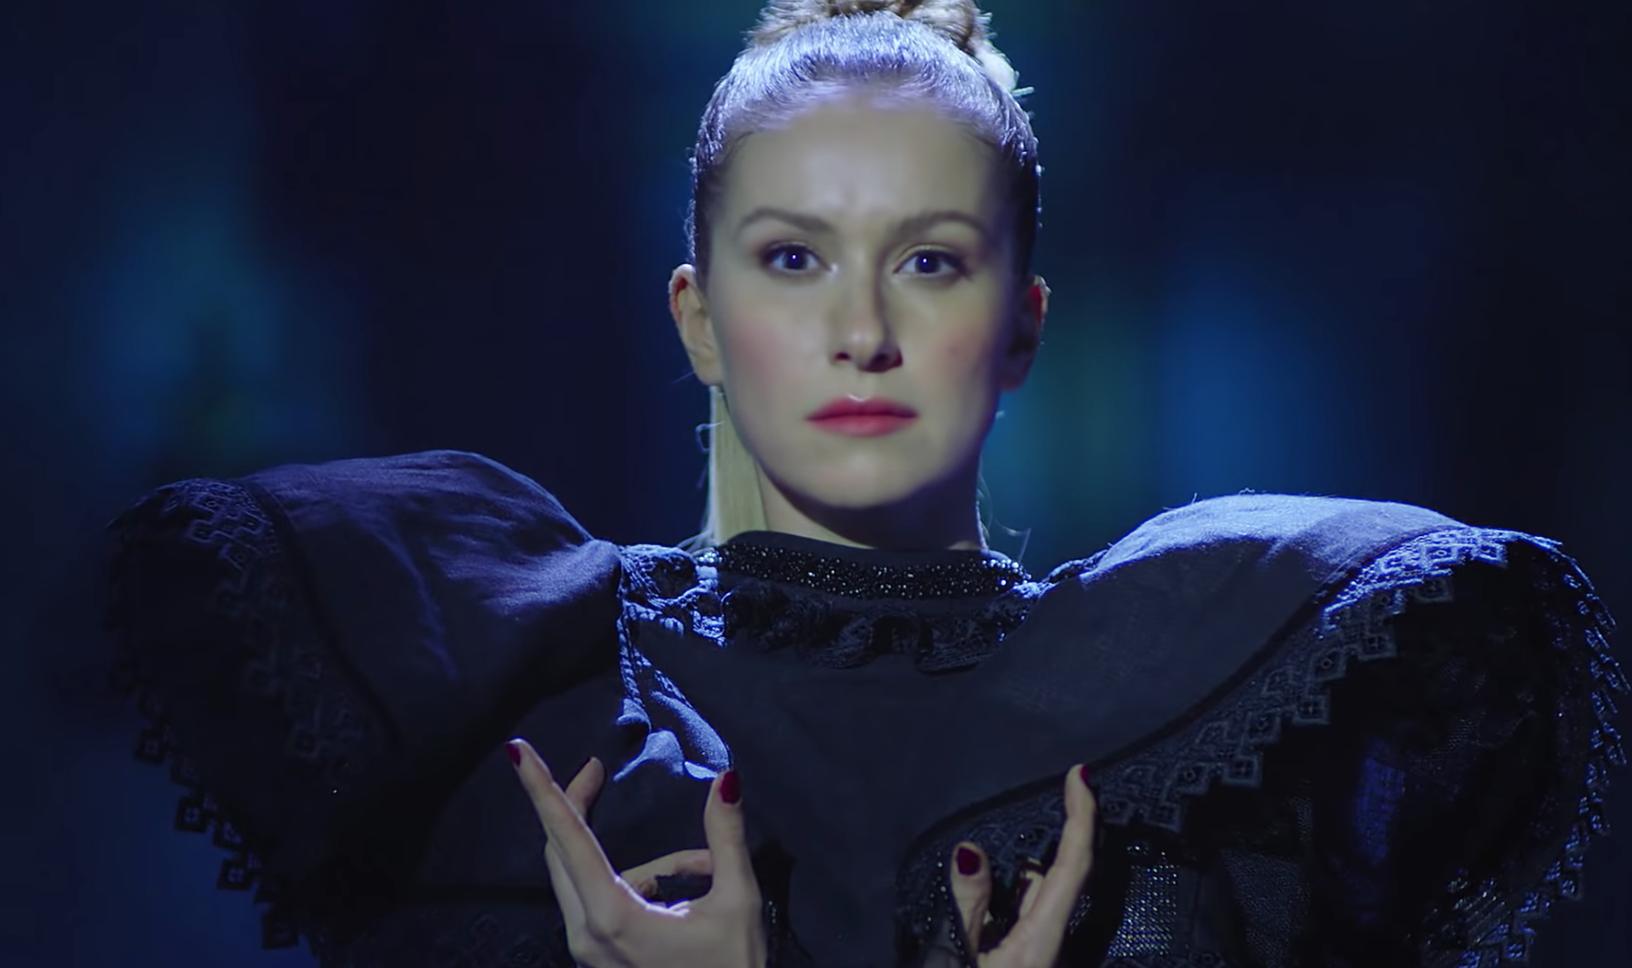 La candidate roumaine se produira lors de la deuxième demi-finale de l'Eurovision, le jeudi 16 mai 2019.